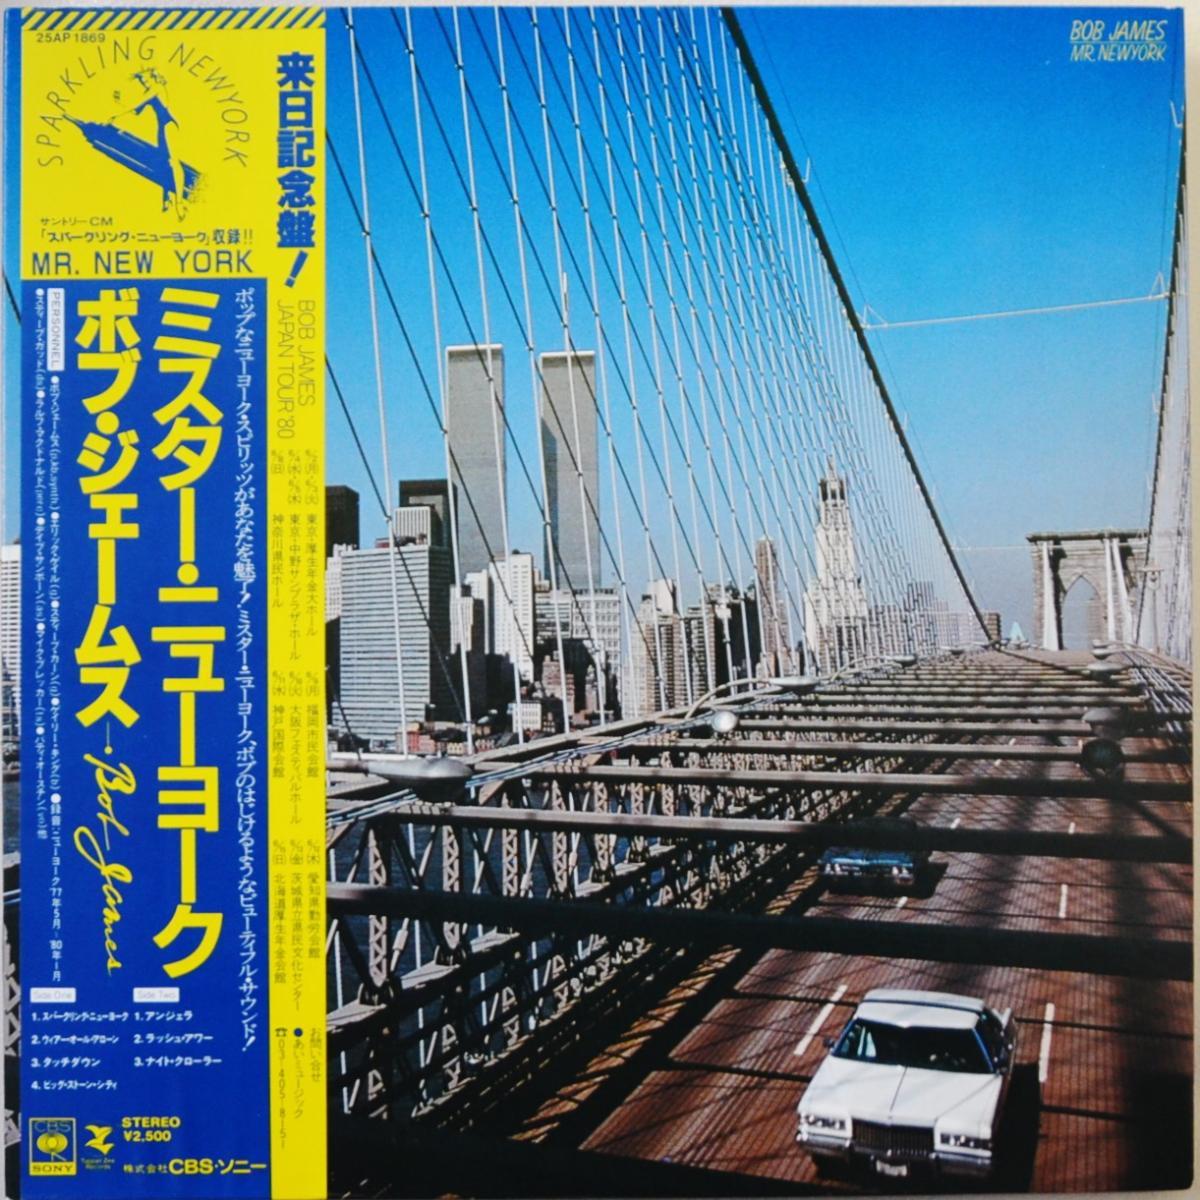 ボブ・ジェームス BOB JAMES / ミスター・ニューヨーク MR. NEWYORK (LP)